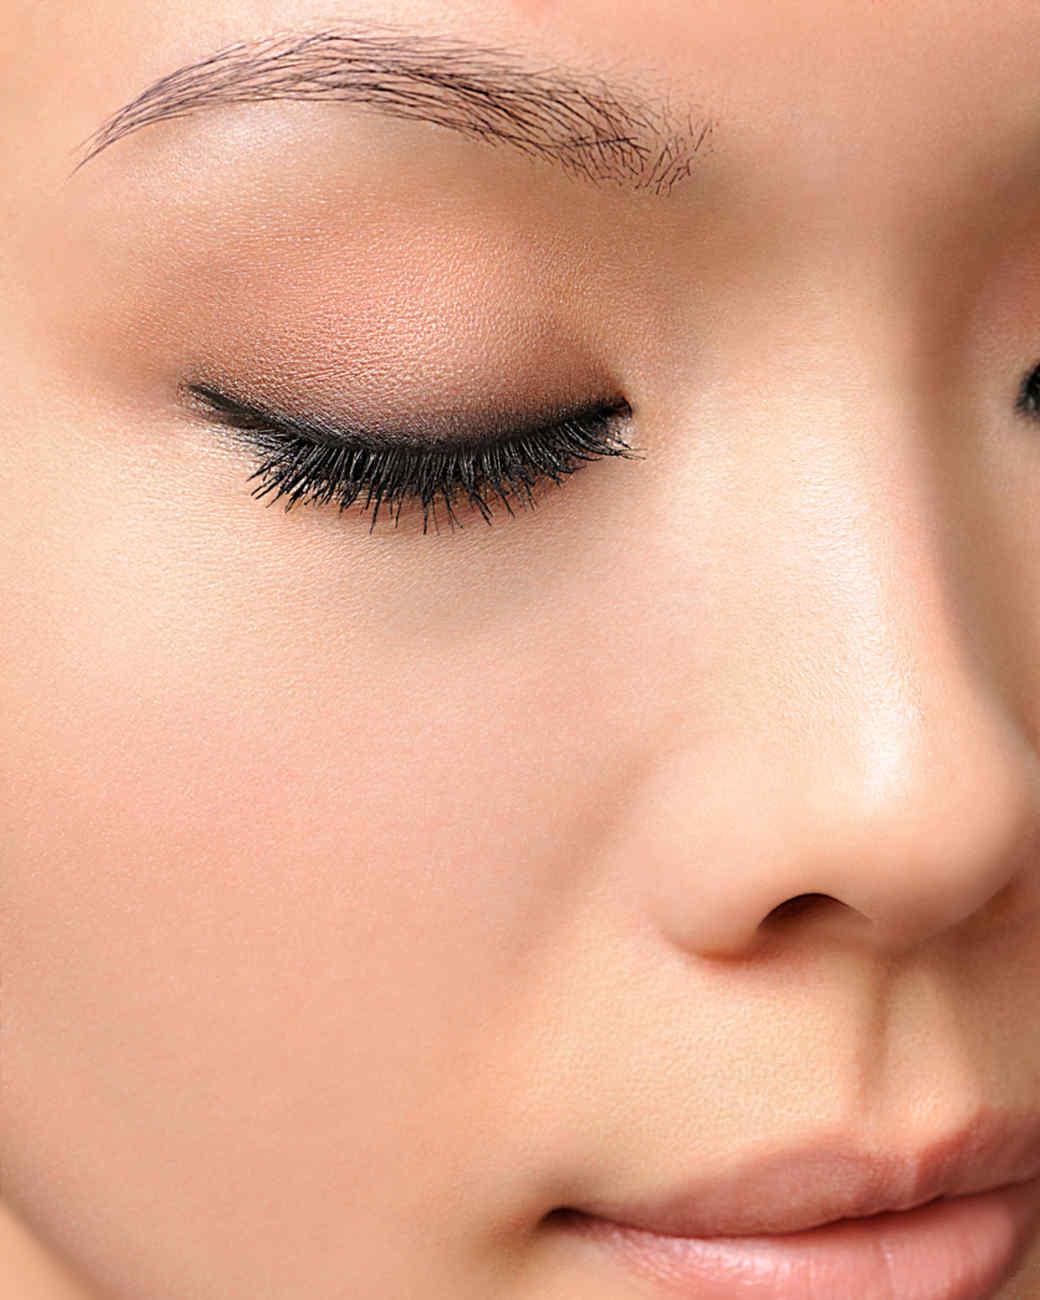 bc-eyes-5-getty-98882926.jpg